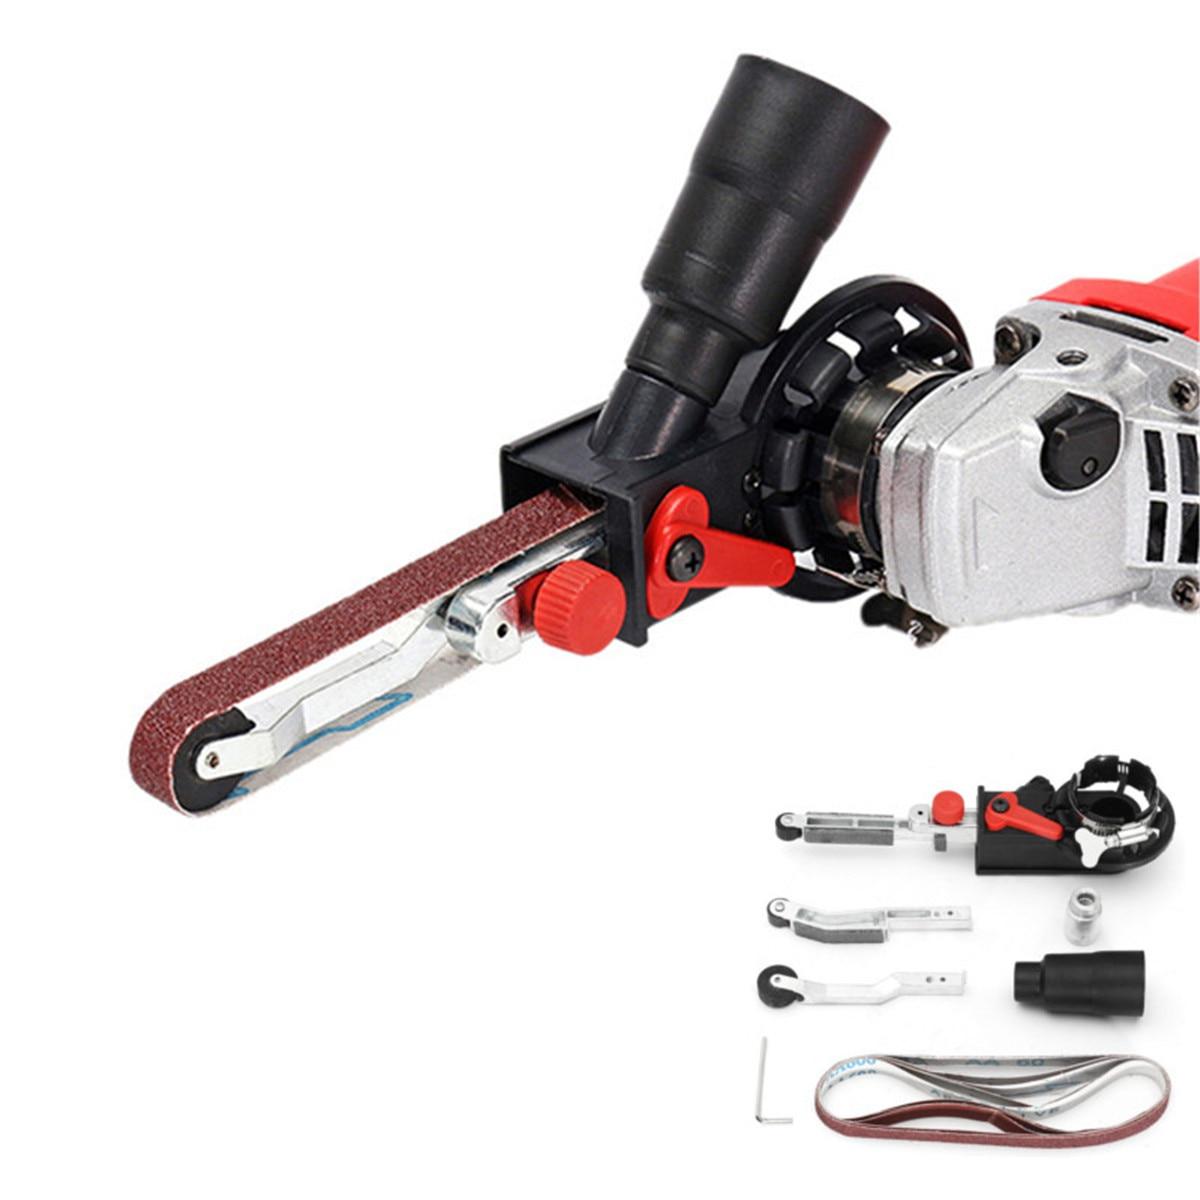 Nieuwe DIY Schuurmachine Schuren Riem Adapter Voor 115/125 Elektrische Haakse Slijper met M14 Draad Spindel Voor houtbewerking Metaalbewerking